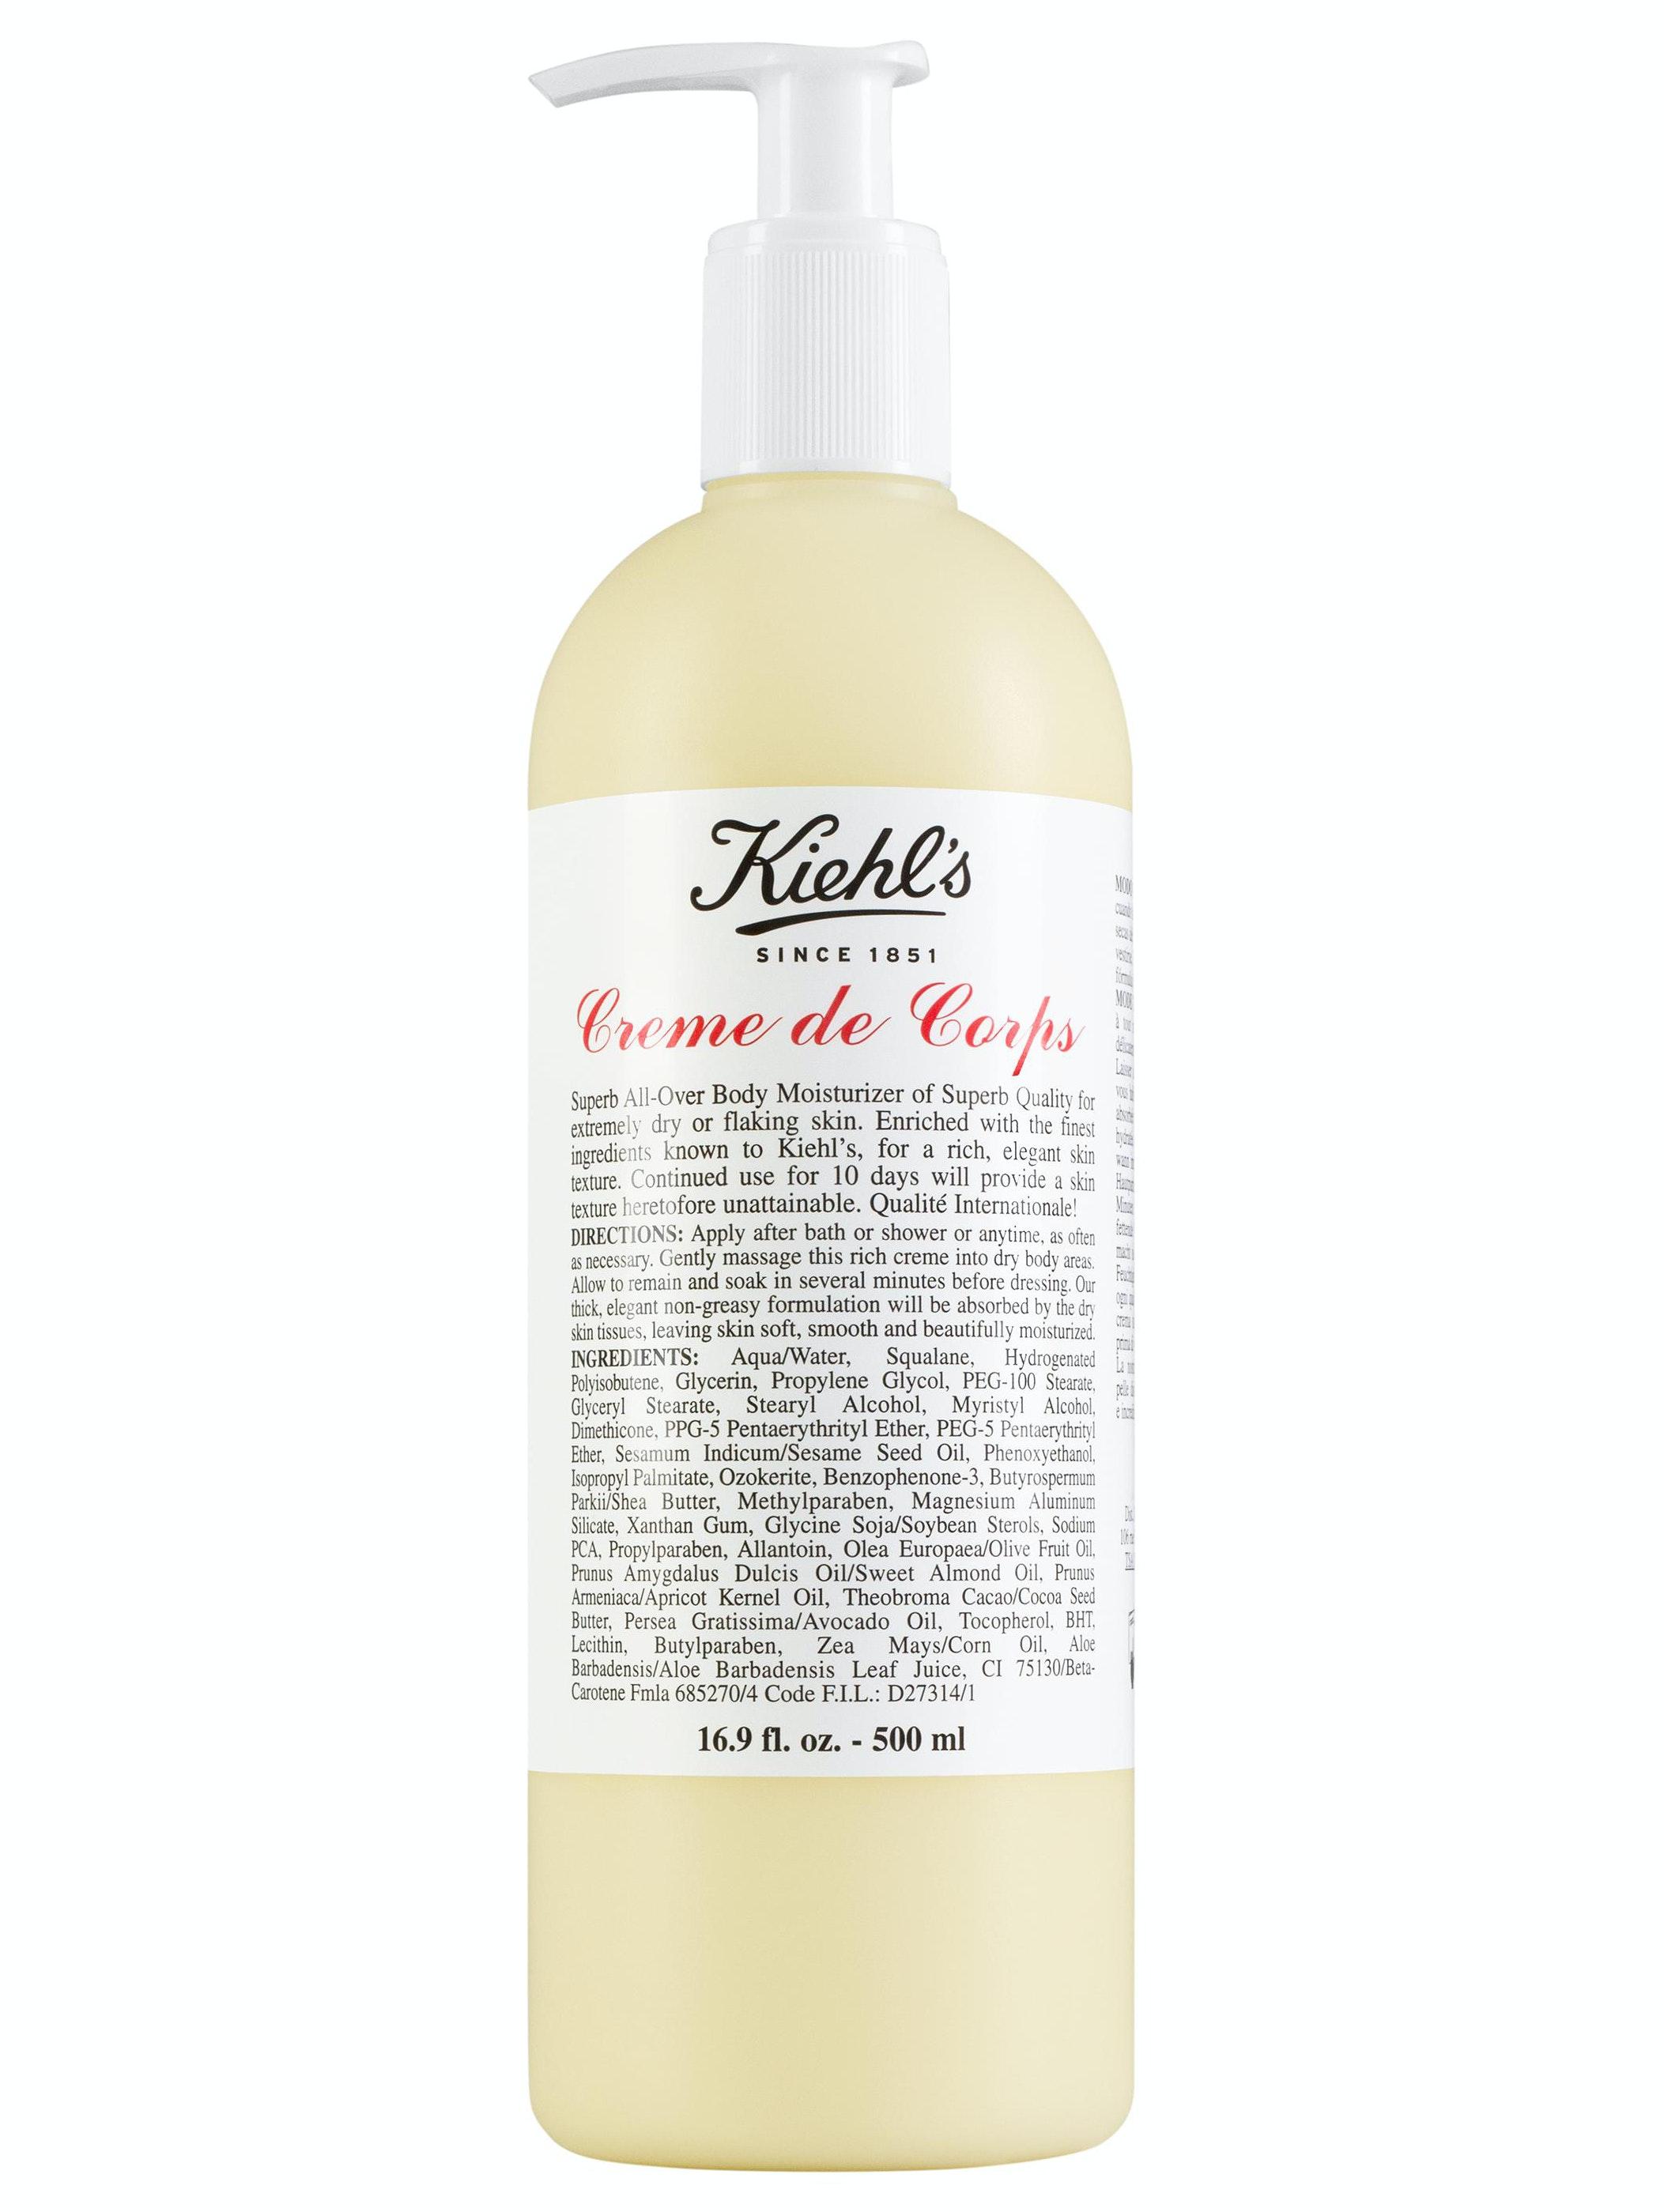 Kiehl's Crème de Corps